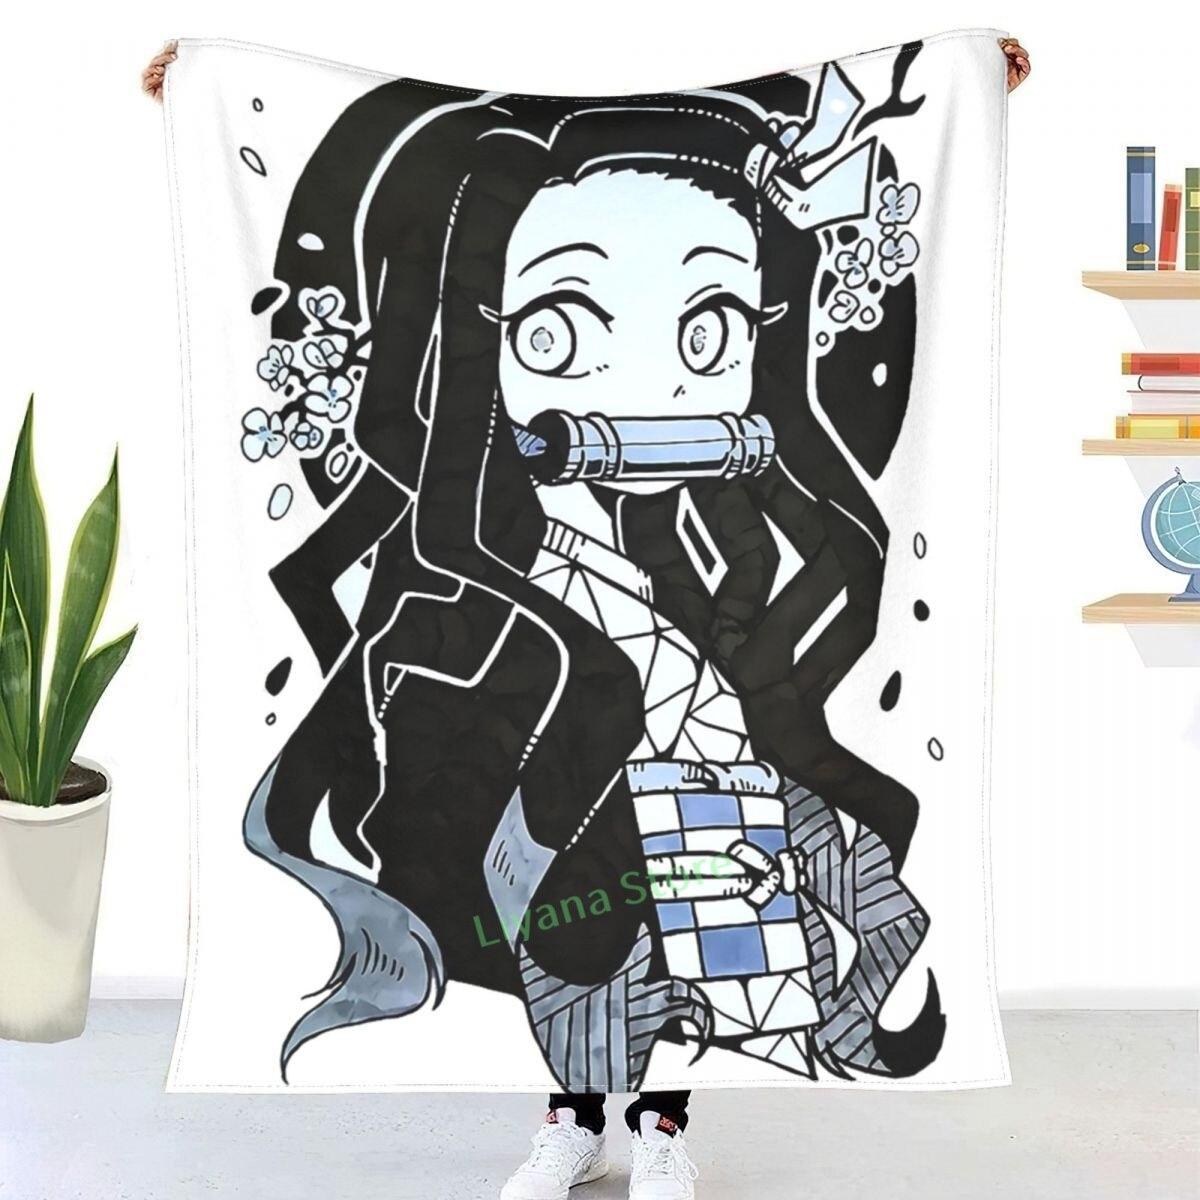 Nezuko-الحبر الرسم رمي بطانية ثلاثية الأبعاد المطبوعة أريكة غرفة نوم بطانية الزخرفية الأطفال الكبار هدية الكريسماس